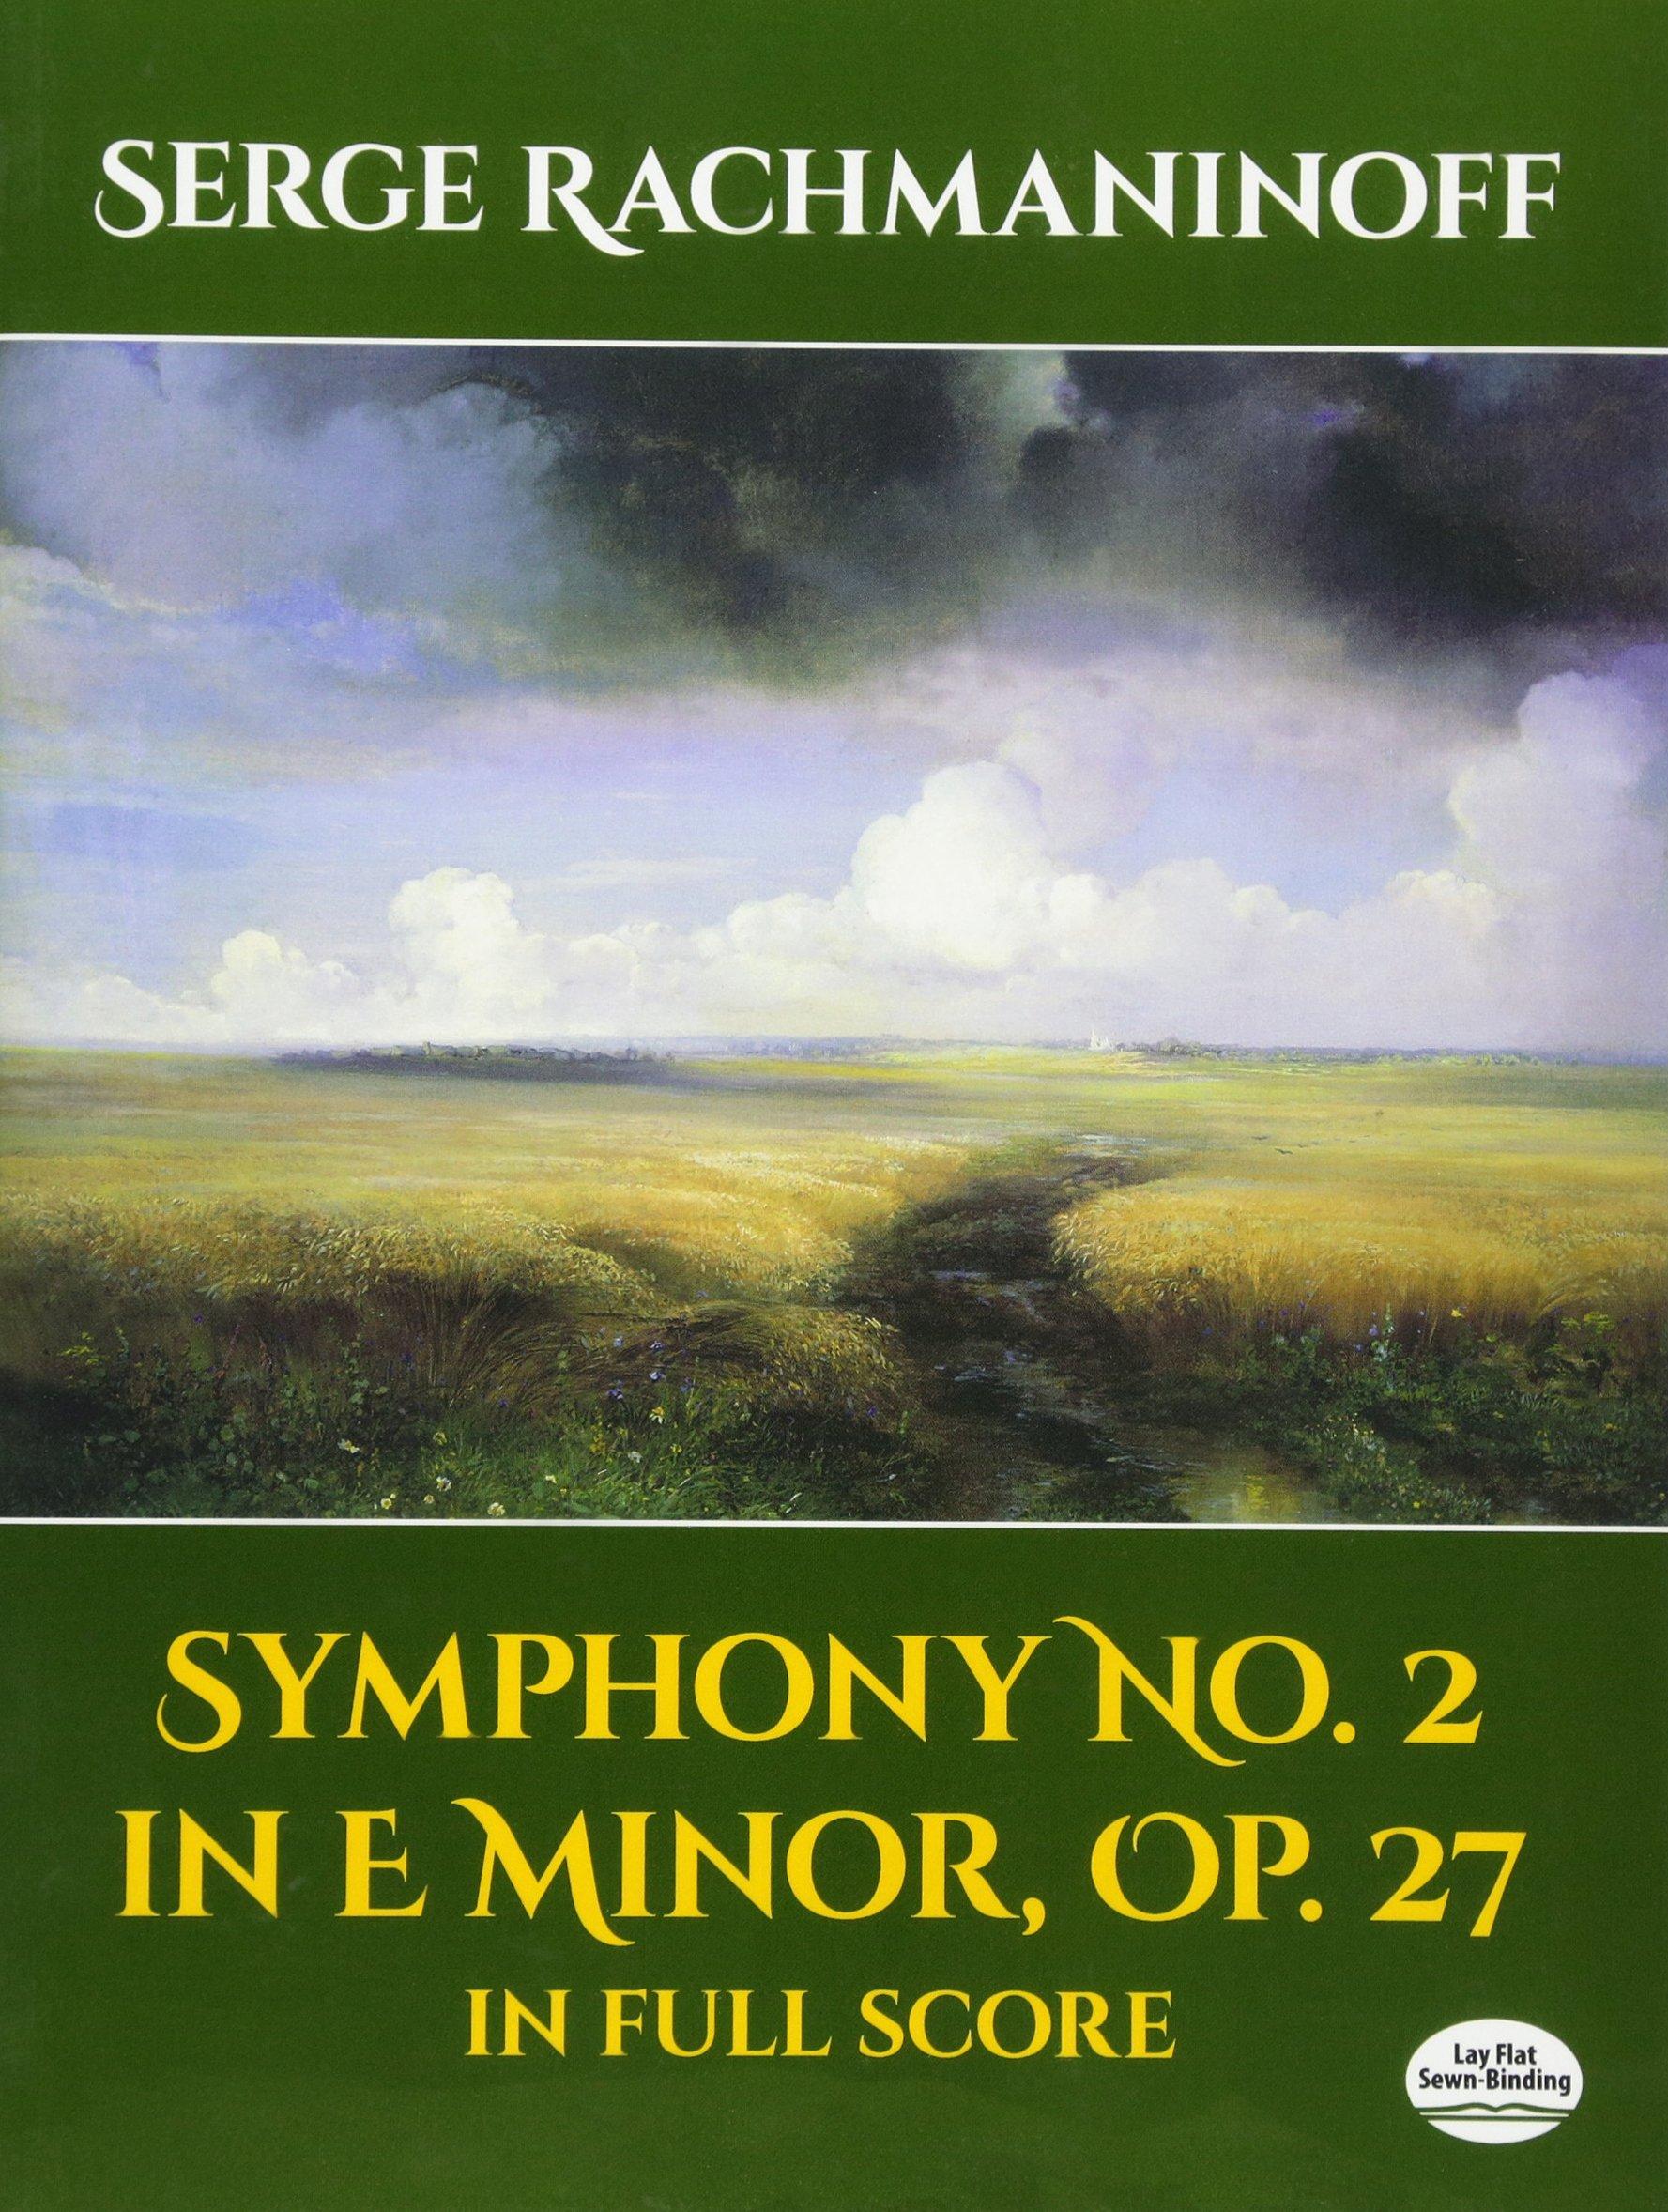 Johann Strauss II: The Great Waltzes (Full Score) (Dover Music Scores)